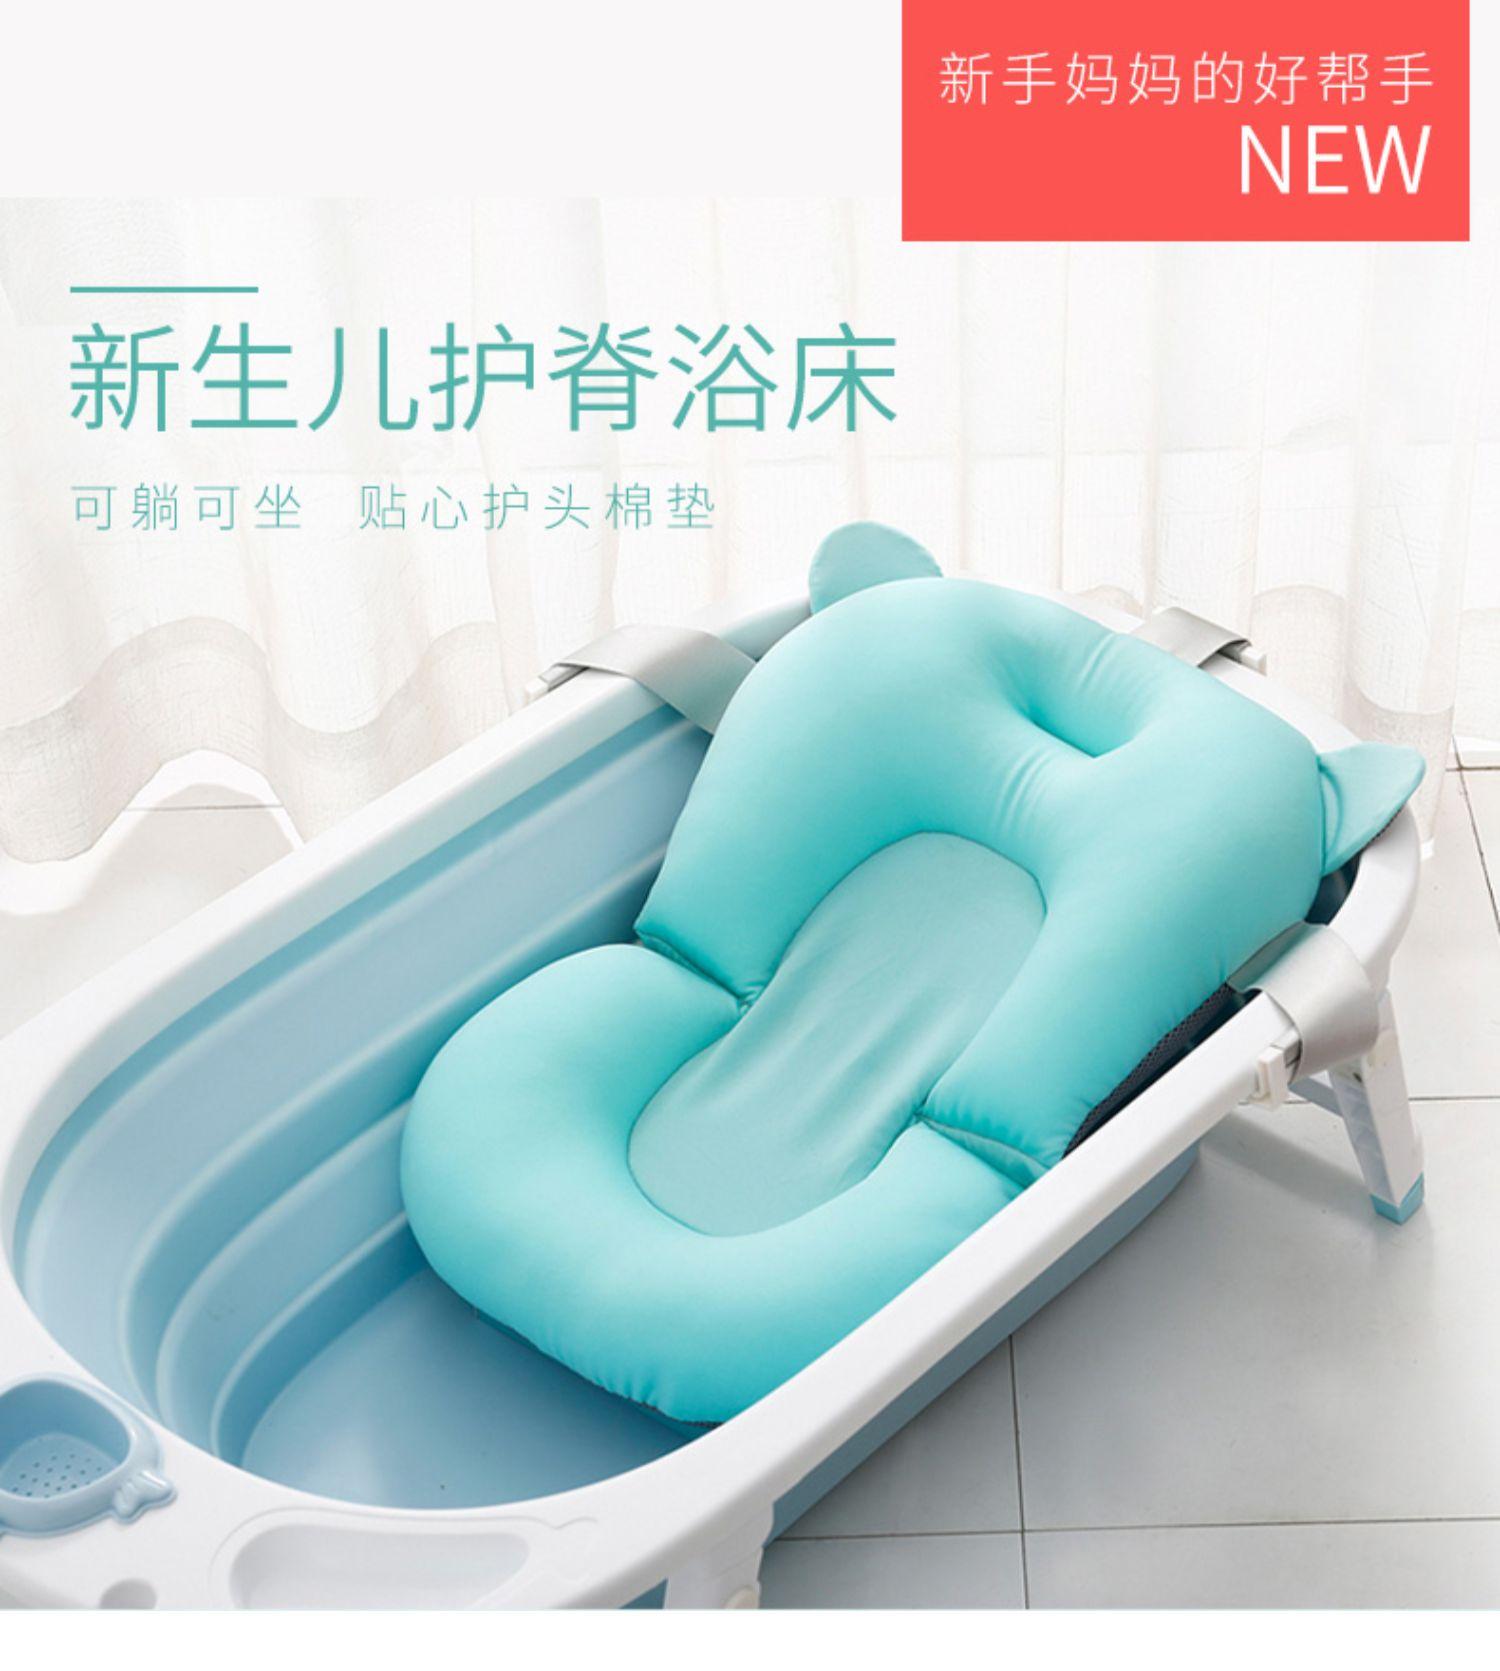 新生婴儿洗澡神器可坐躺浴盆托网兜浴床防滑通用宝宝悬浮浴垫海绵商品详情图